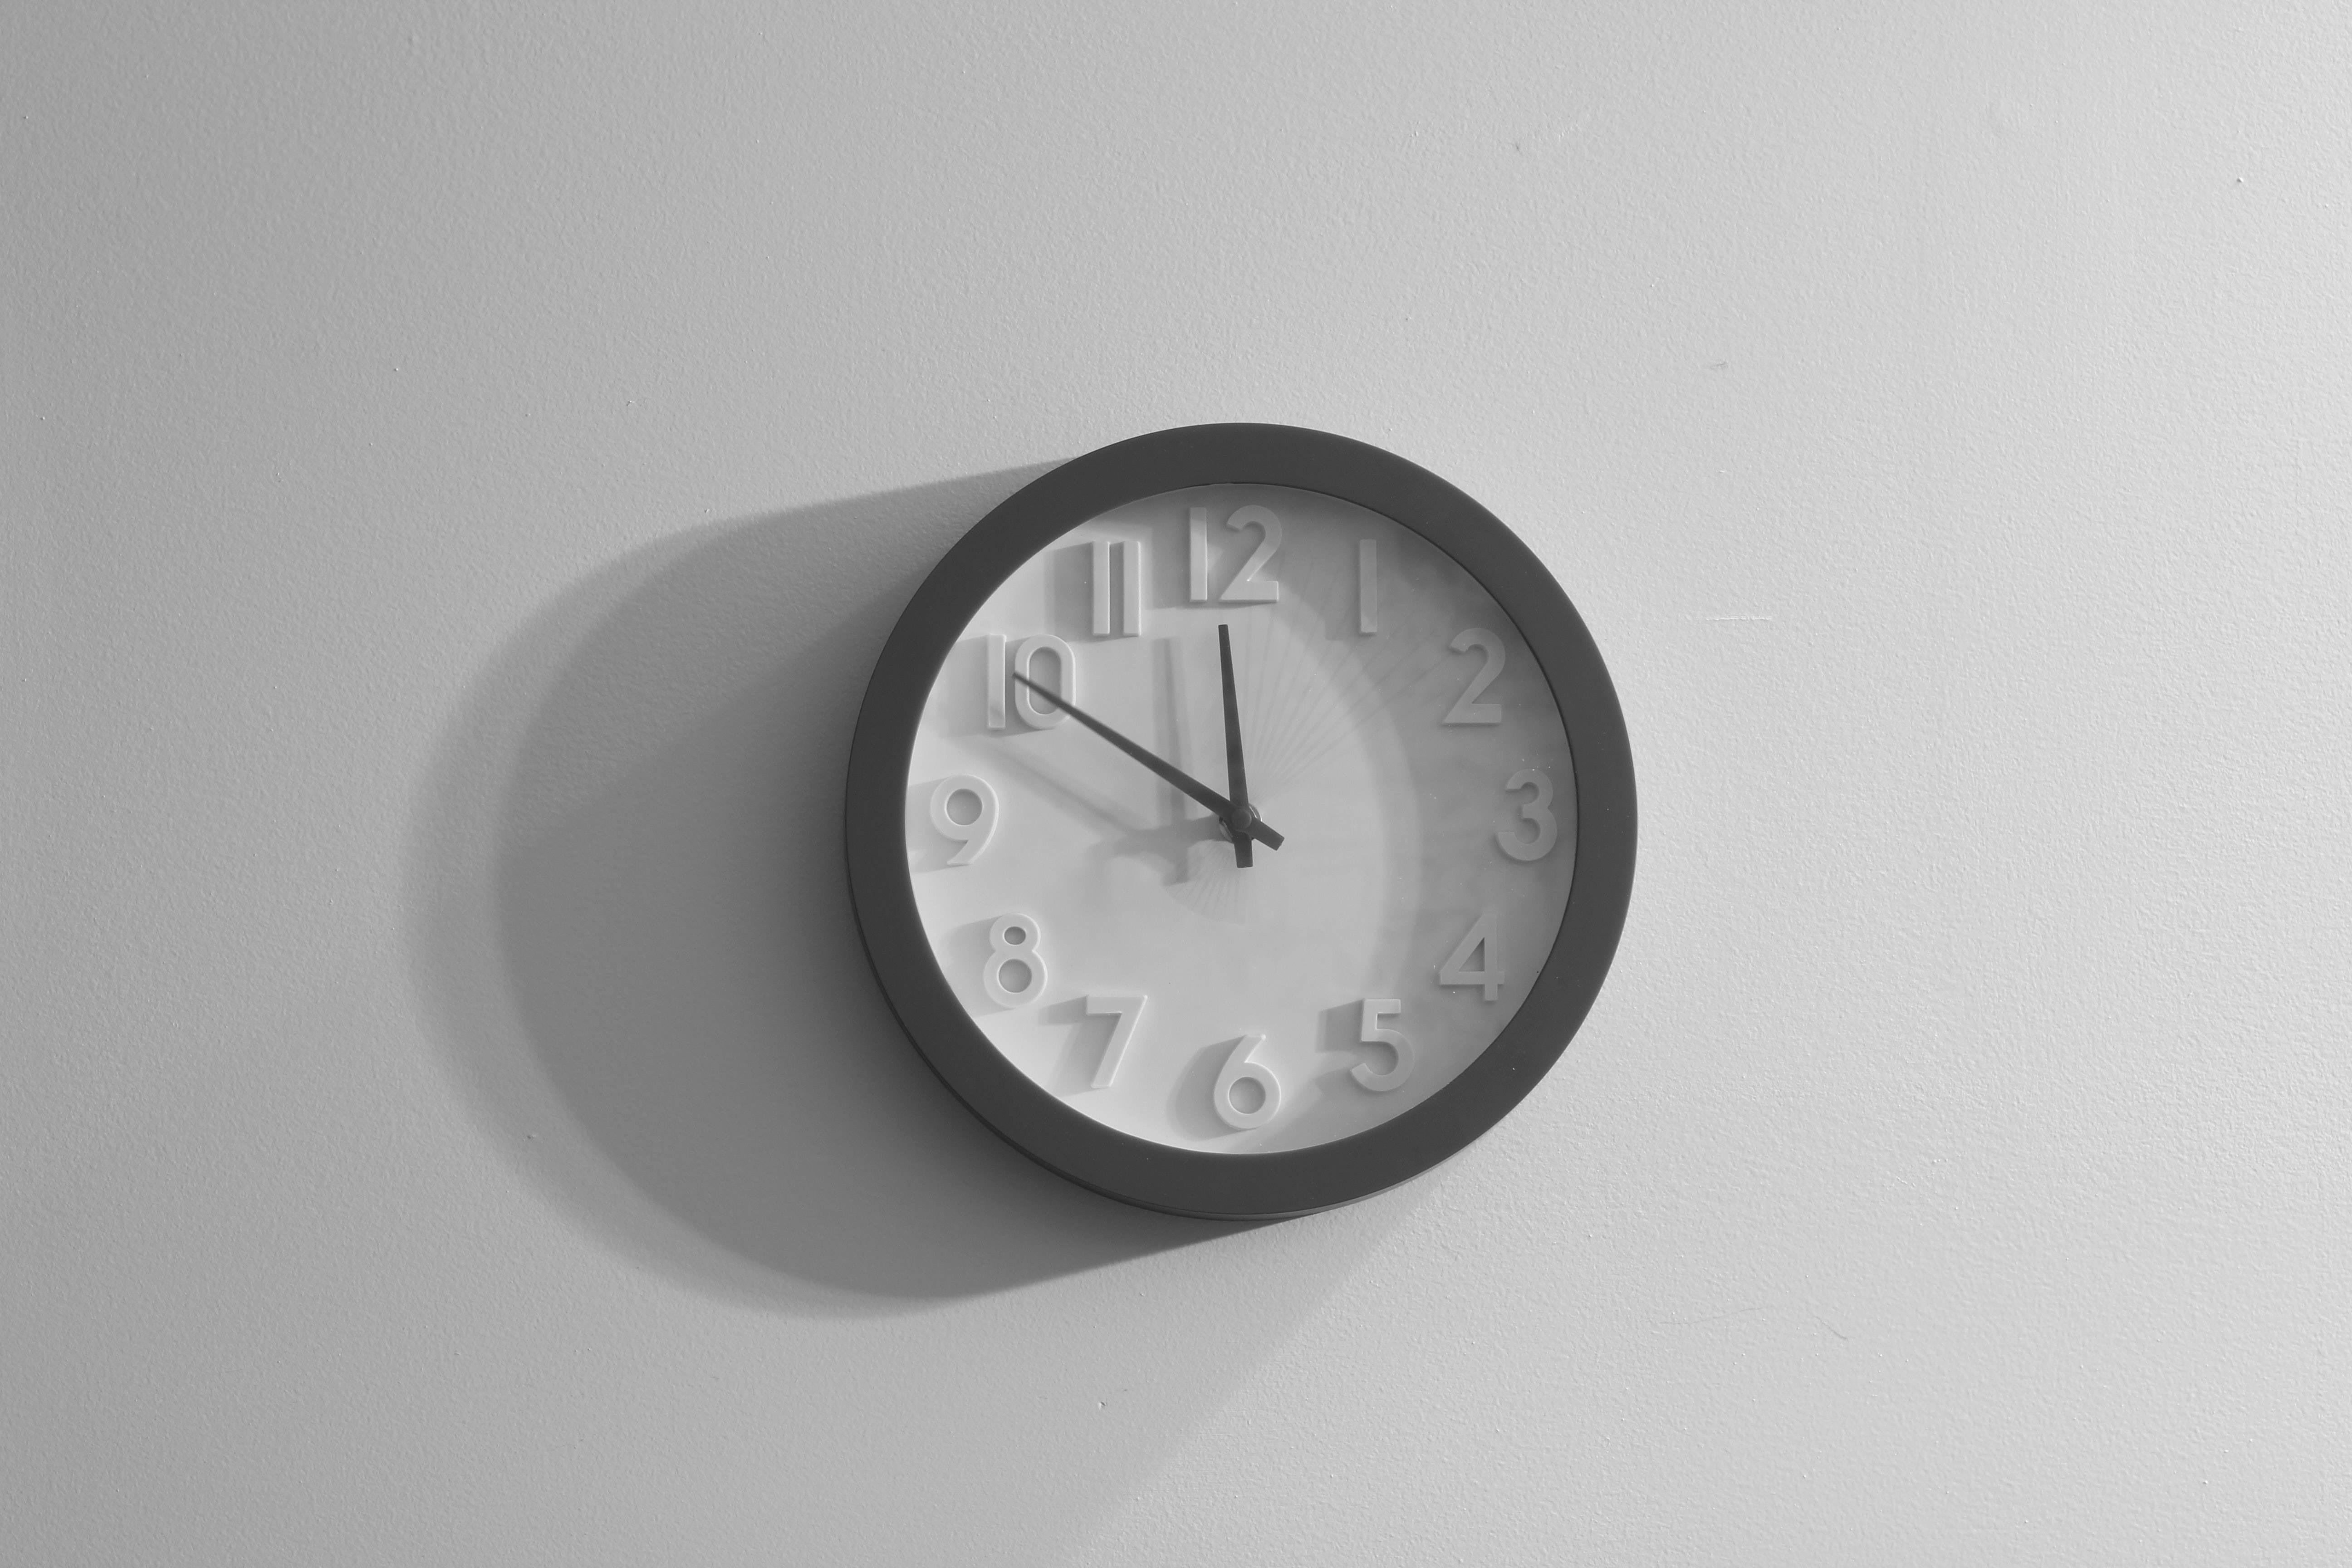 ▷ Relojes de Pared: Guía de Compras Actualizada 2018 ?